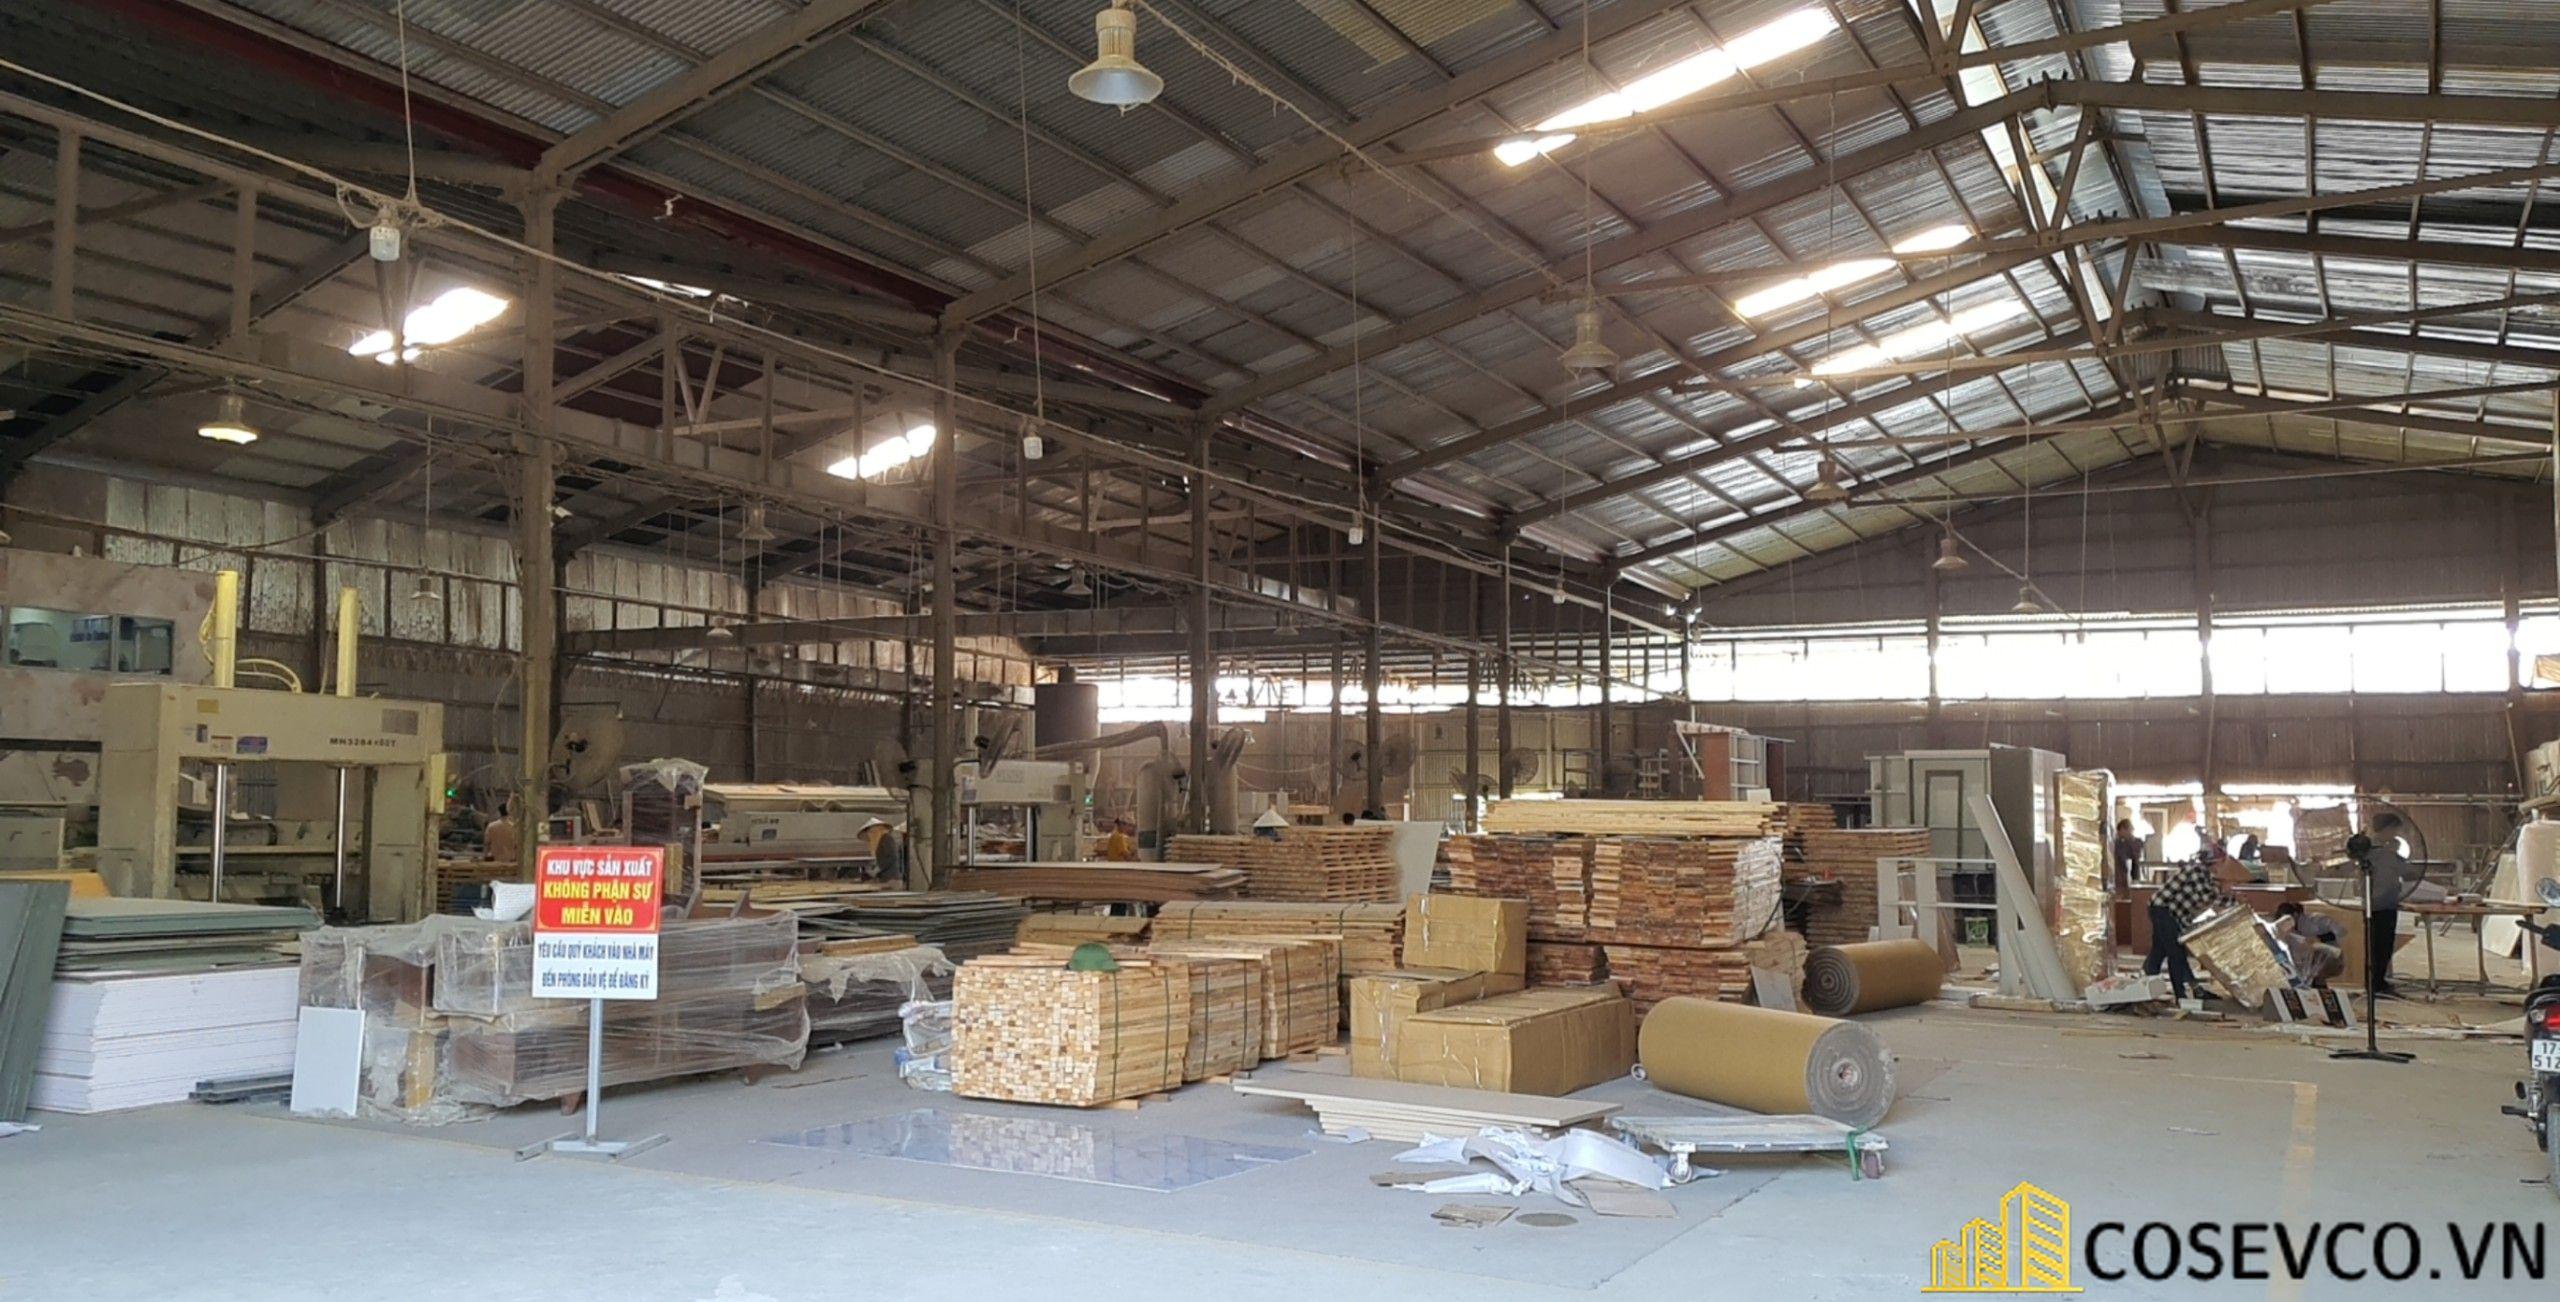 Xưởng sản xuất nội thất công ty Cosevco - View 2